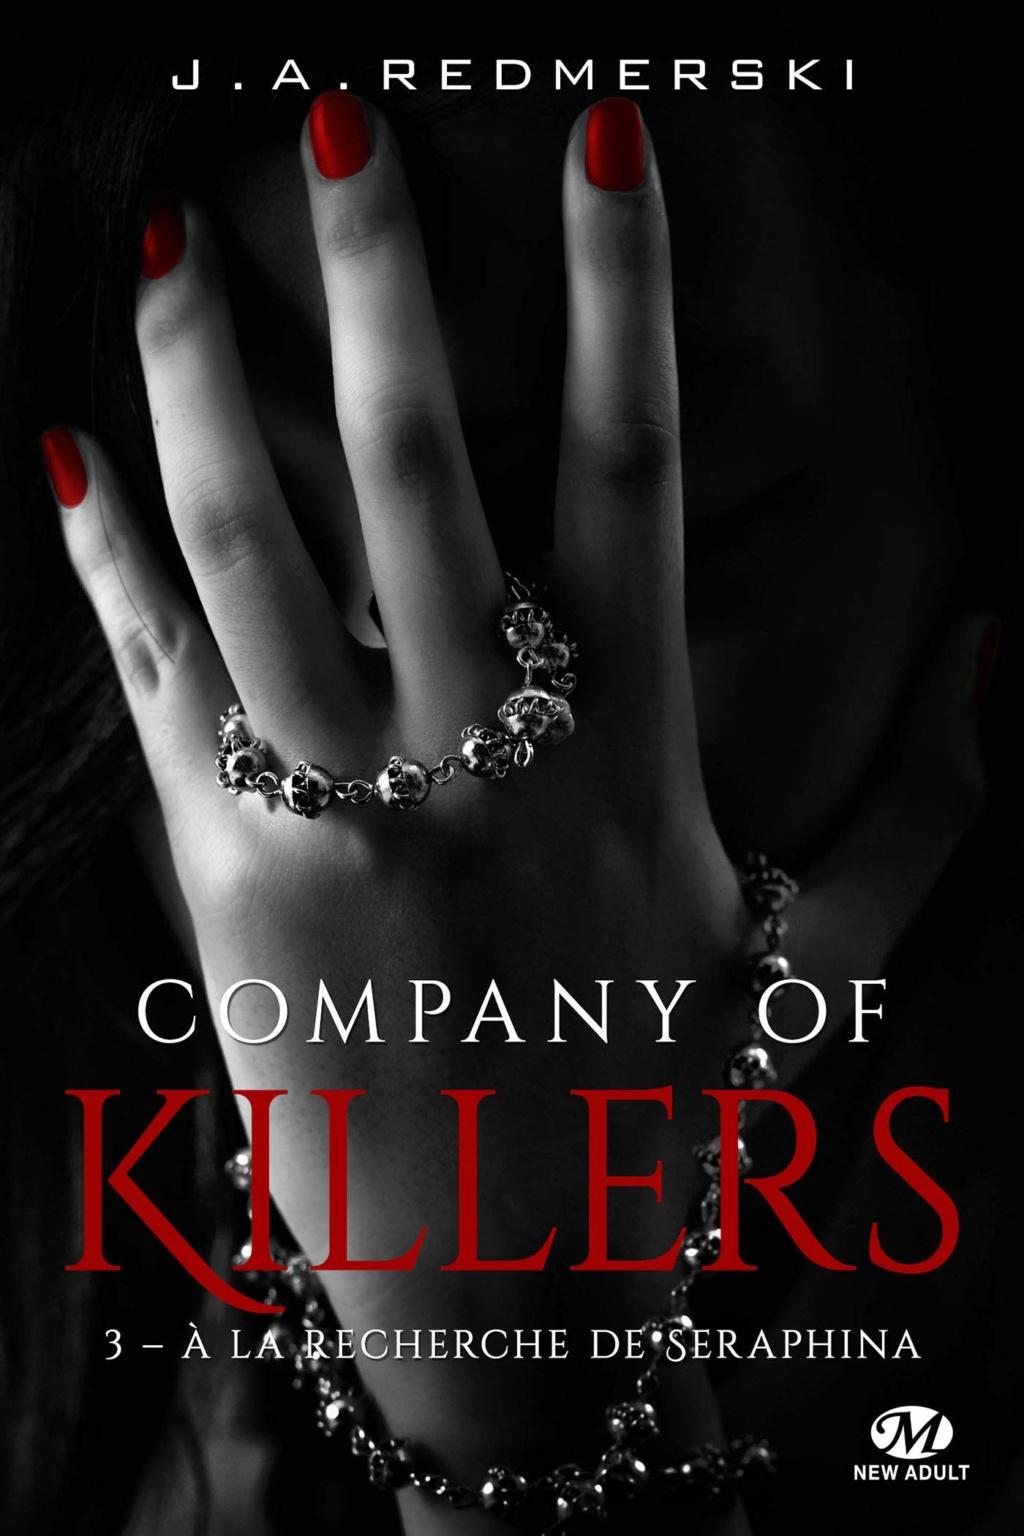 REDMERSKI J.A - COMPANY OF KILLERS - Tome 3 : A la recherche de Seraphina  Compan11